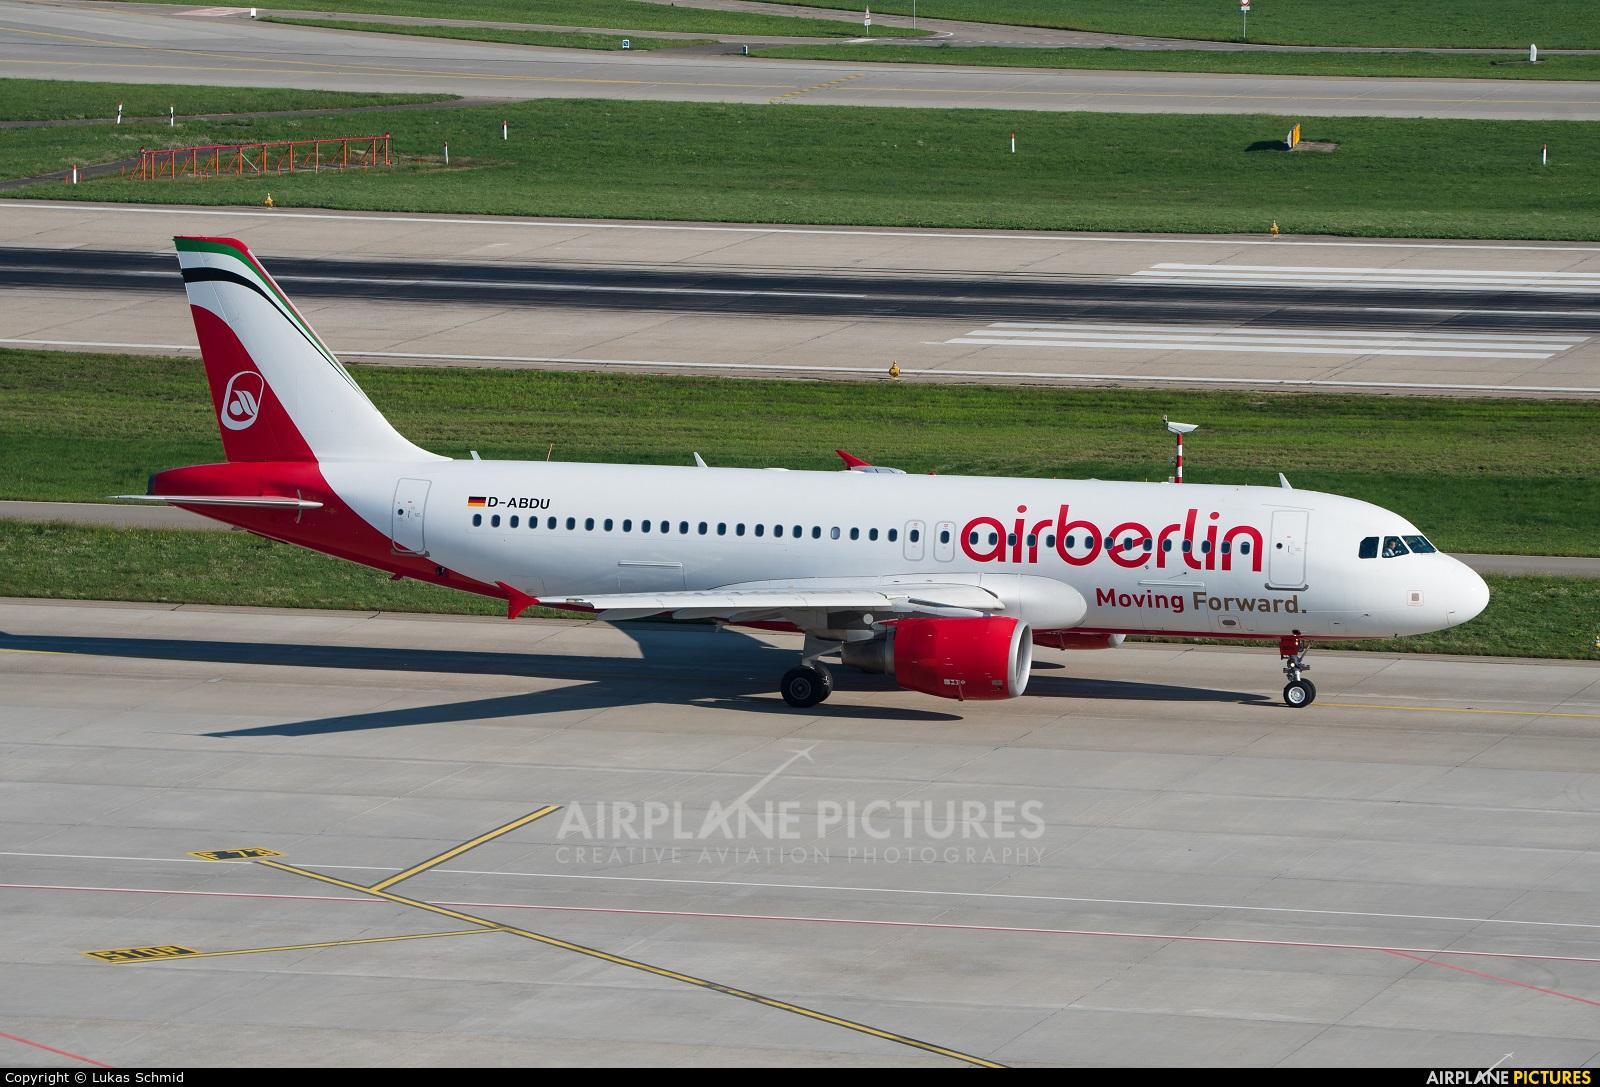 Eurowings D-ABDU aircraft at Zurich